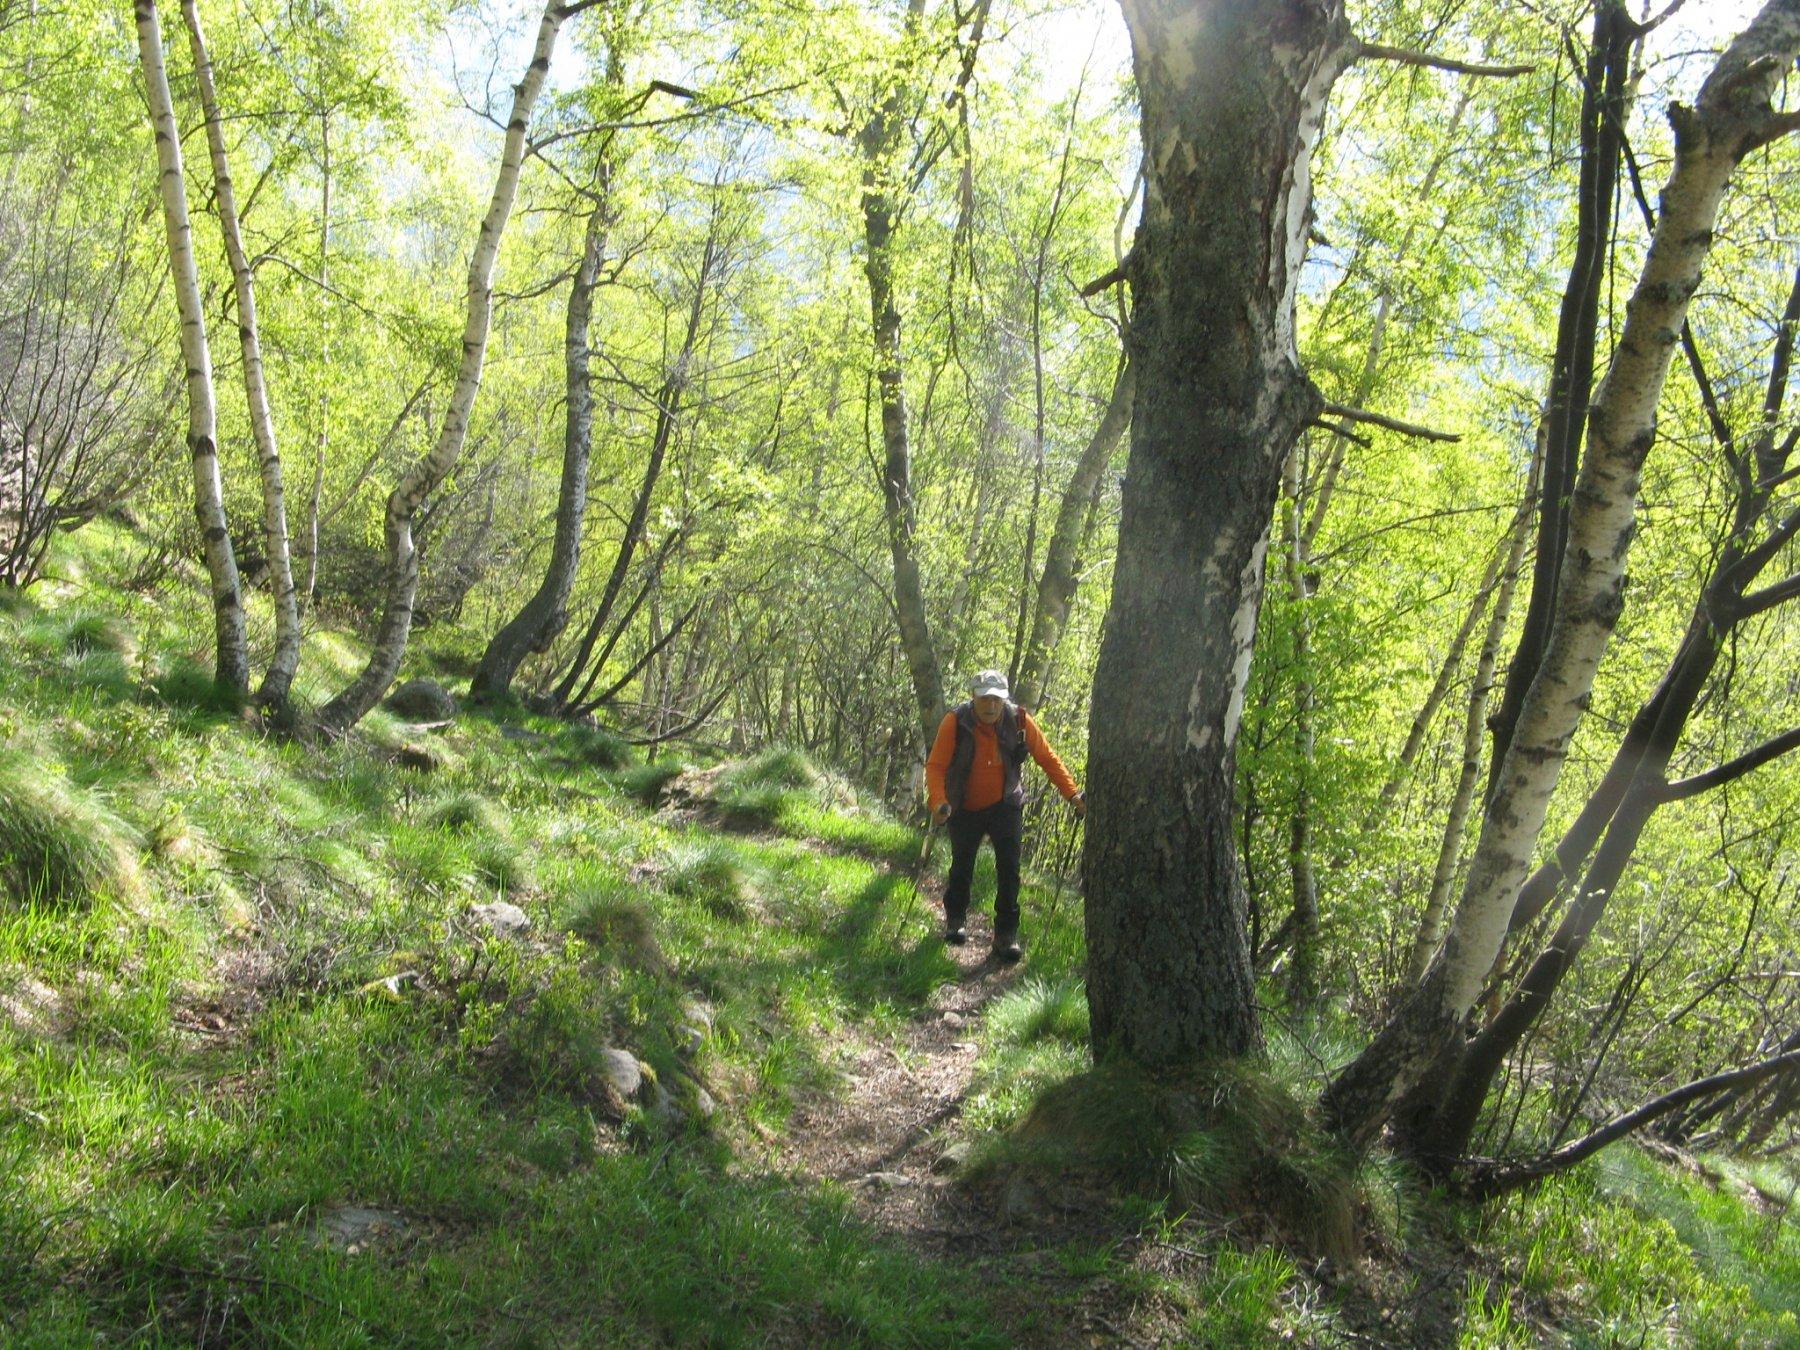 nel bosco nella prima parte del percorso